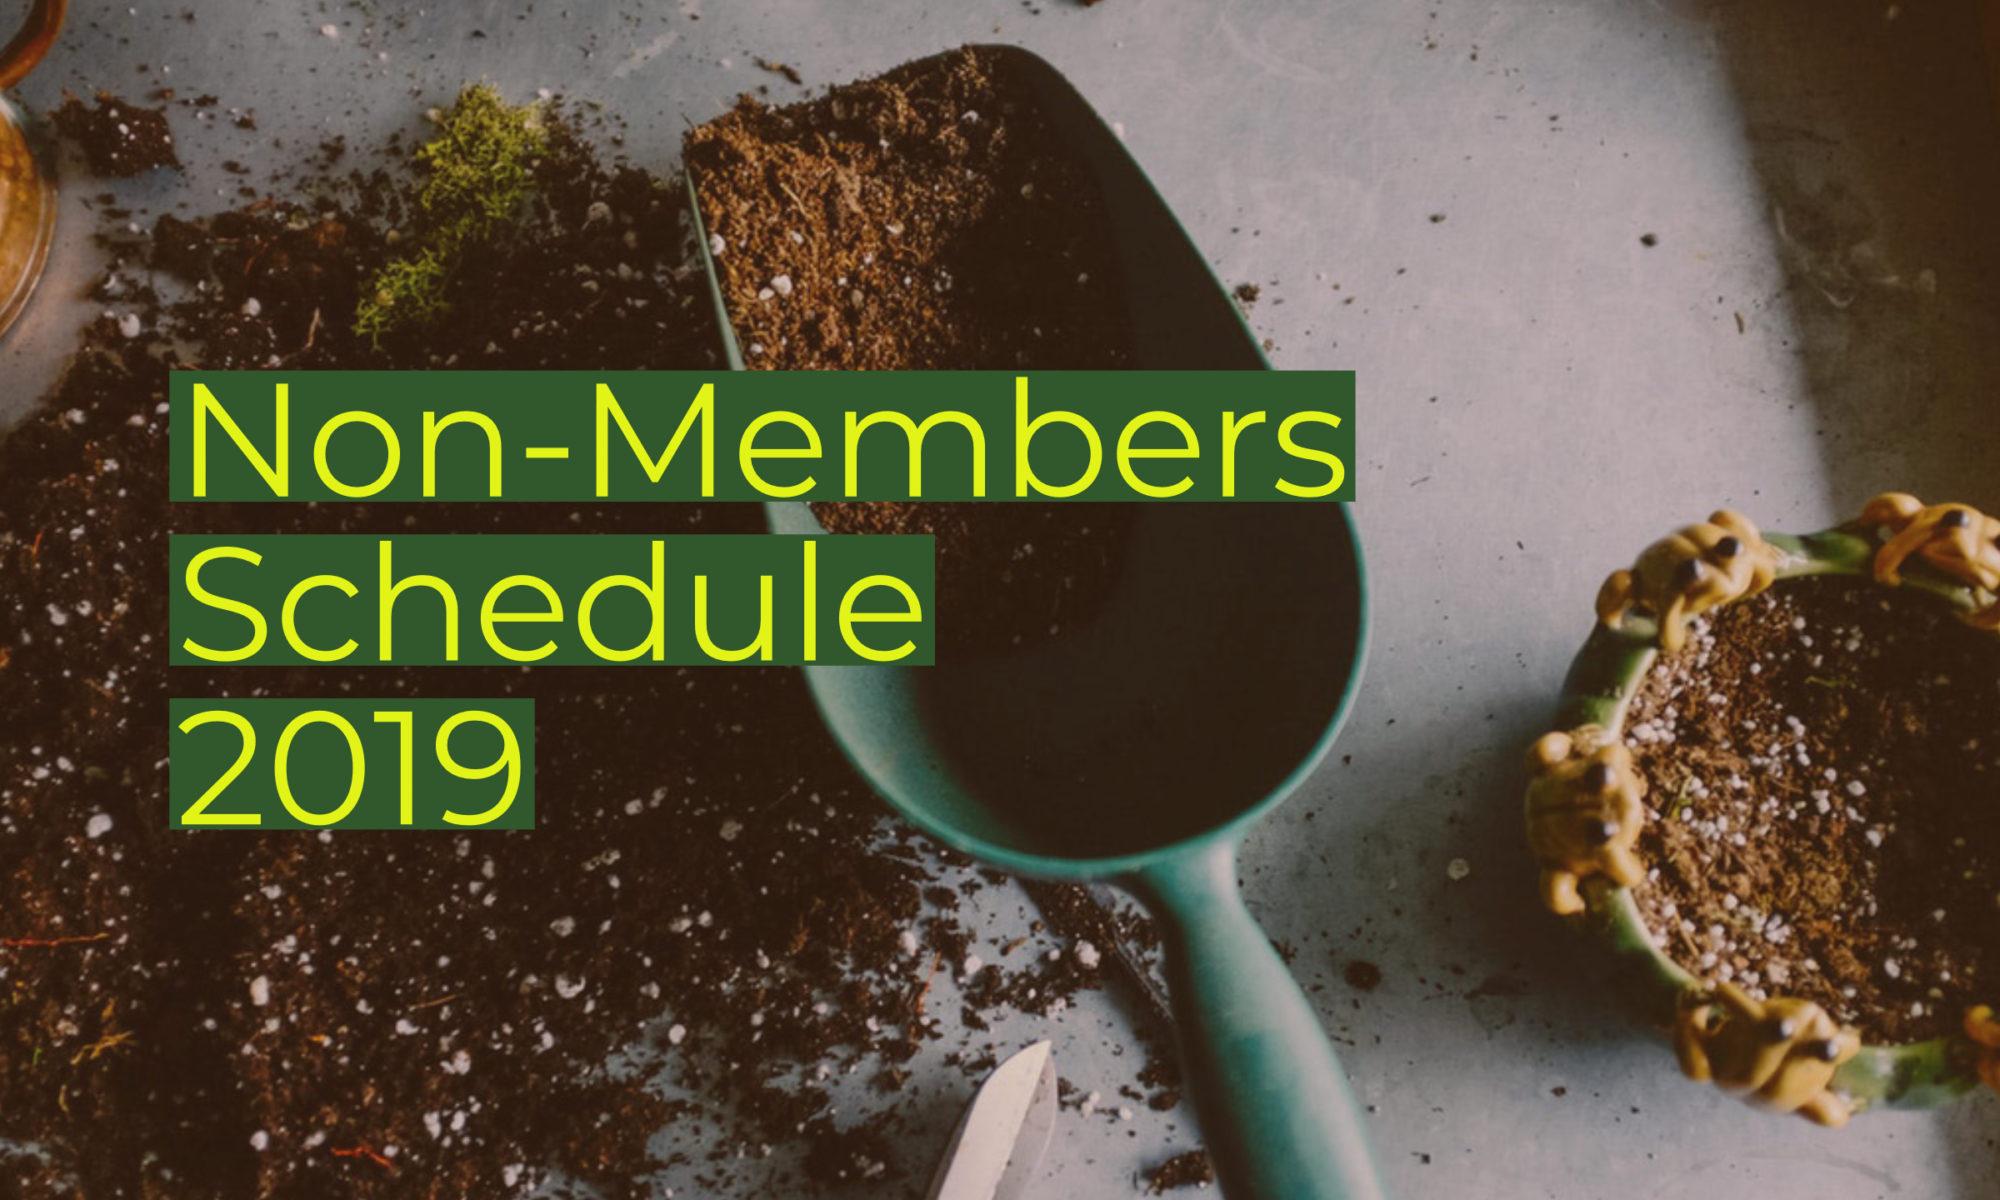 Non-Members Schedule